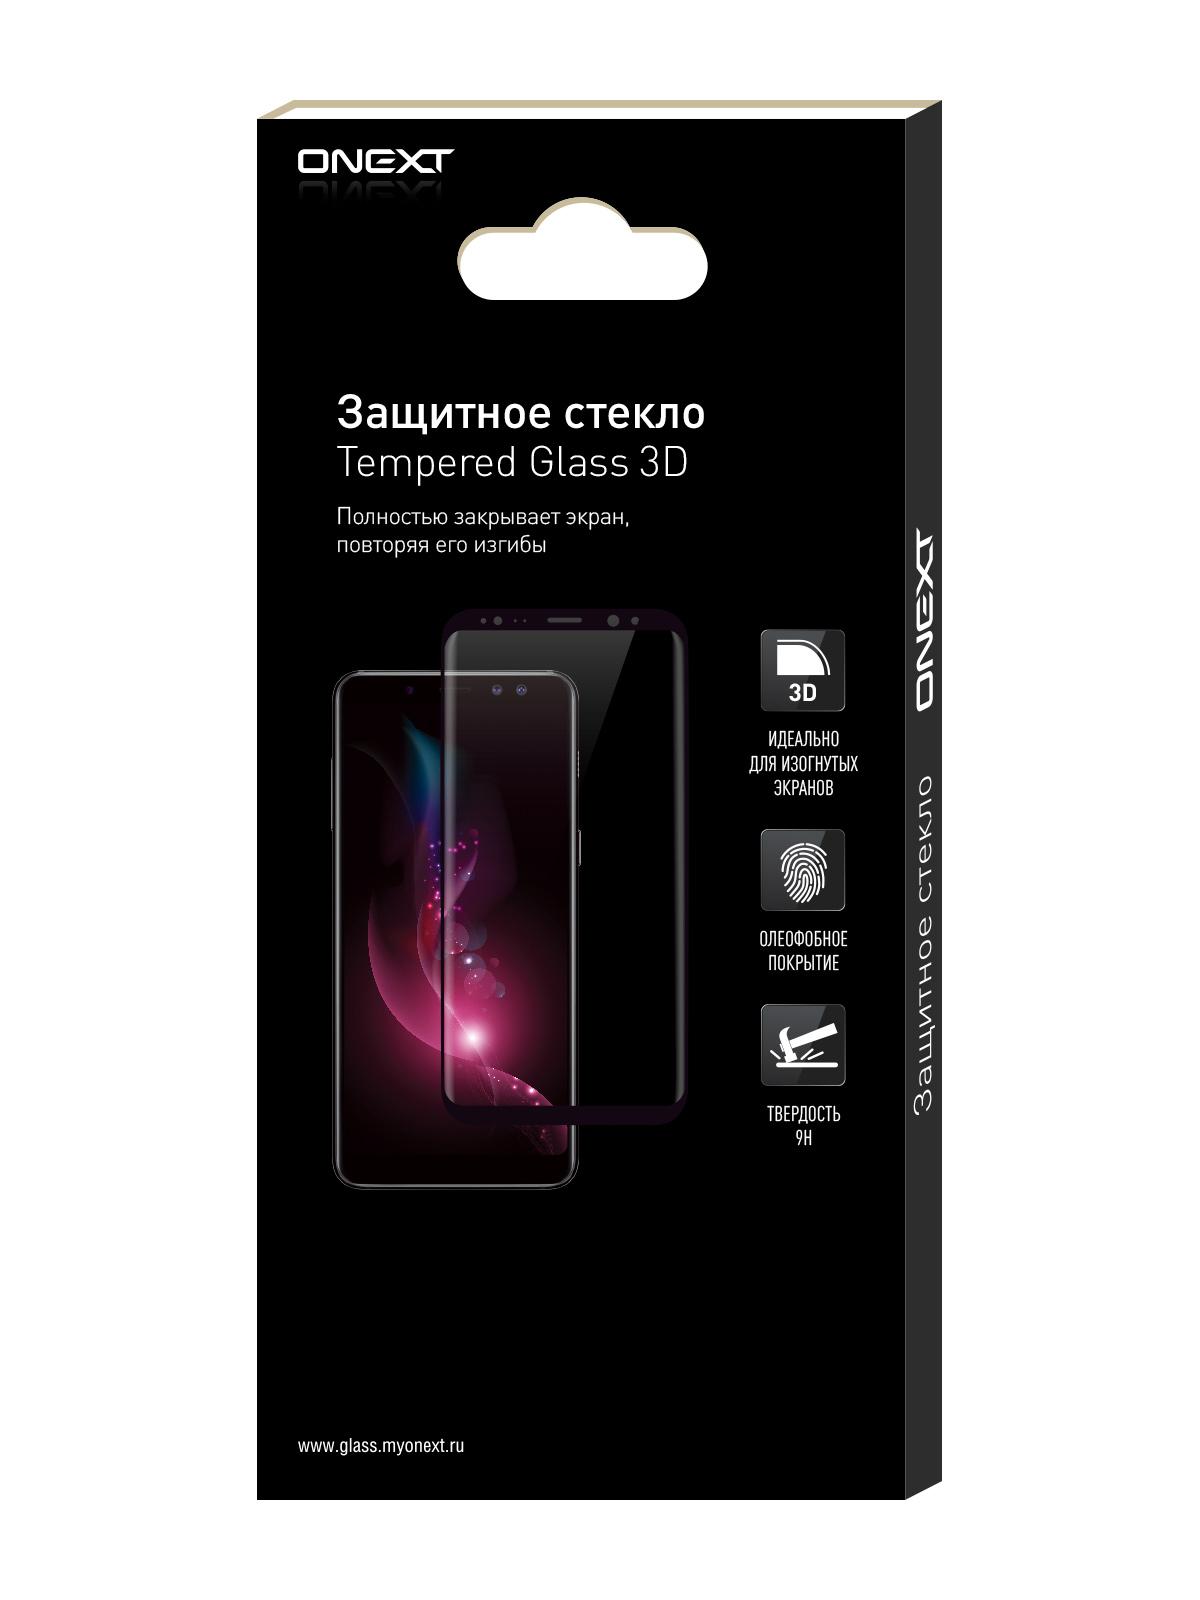 Защитное стекло ONEXT для Samsung Galaxy S8 Plus Gold